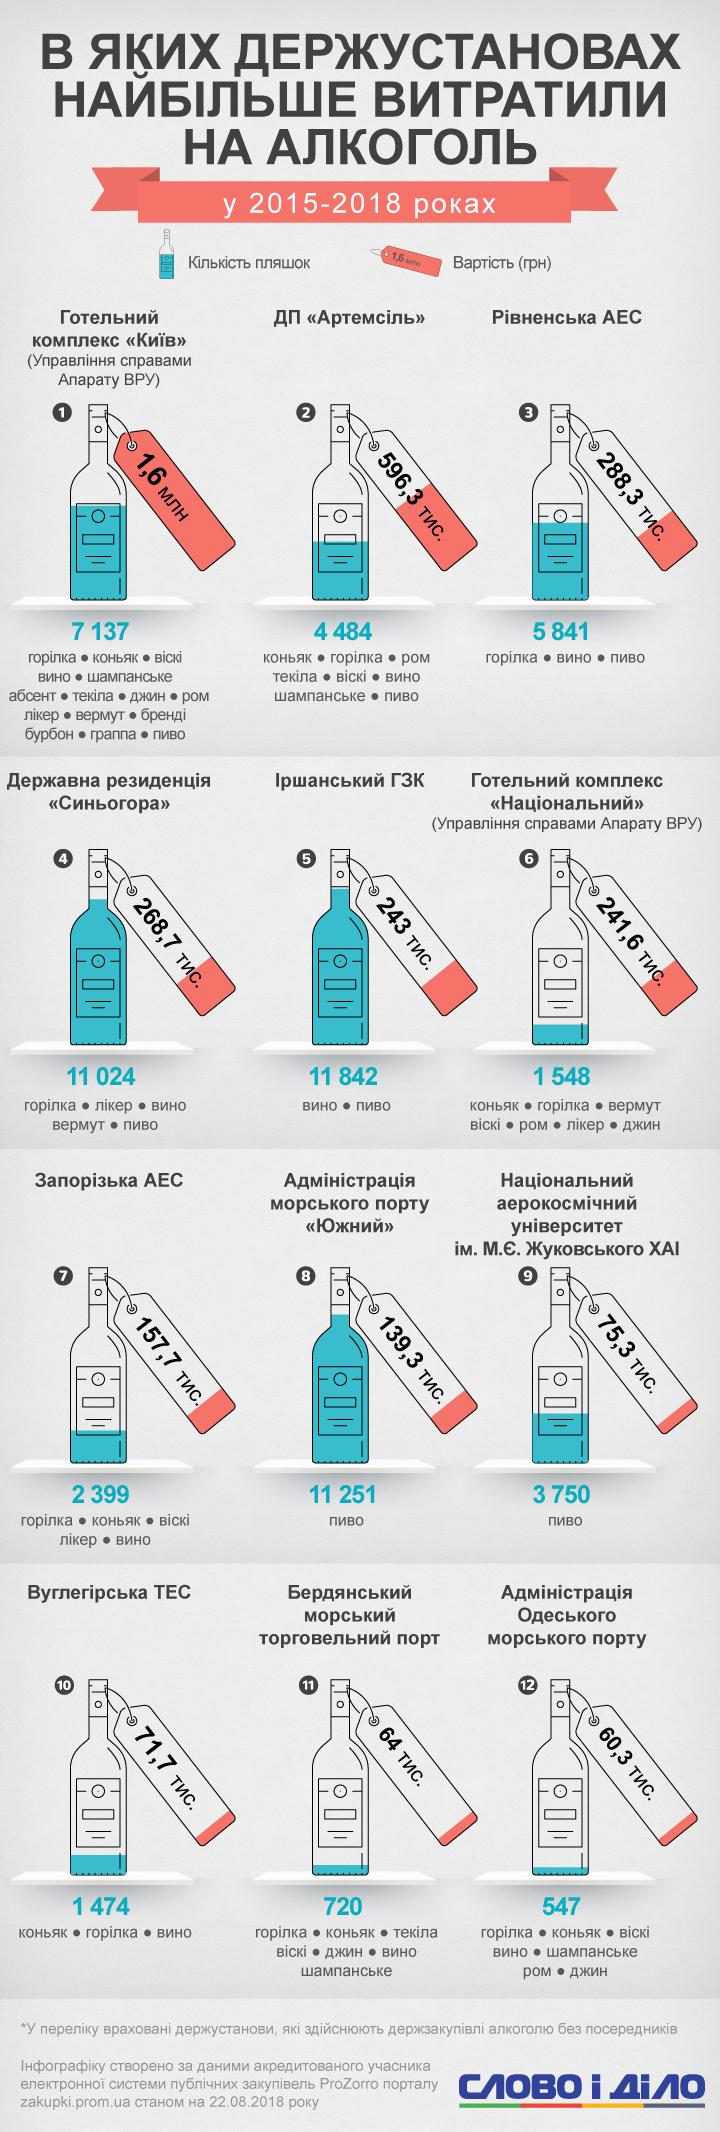 Администрация морского порта Южный купила больше 11 тысяч бутылок пива, а Ровненская АЭС – водку, вино и пиво.